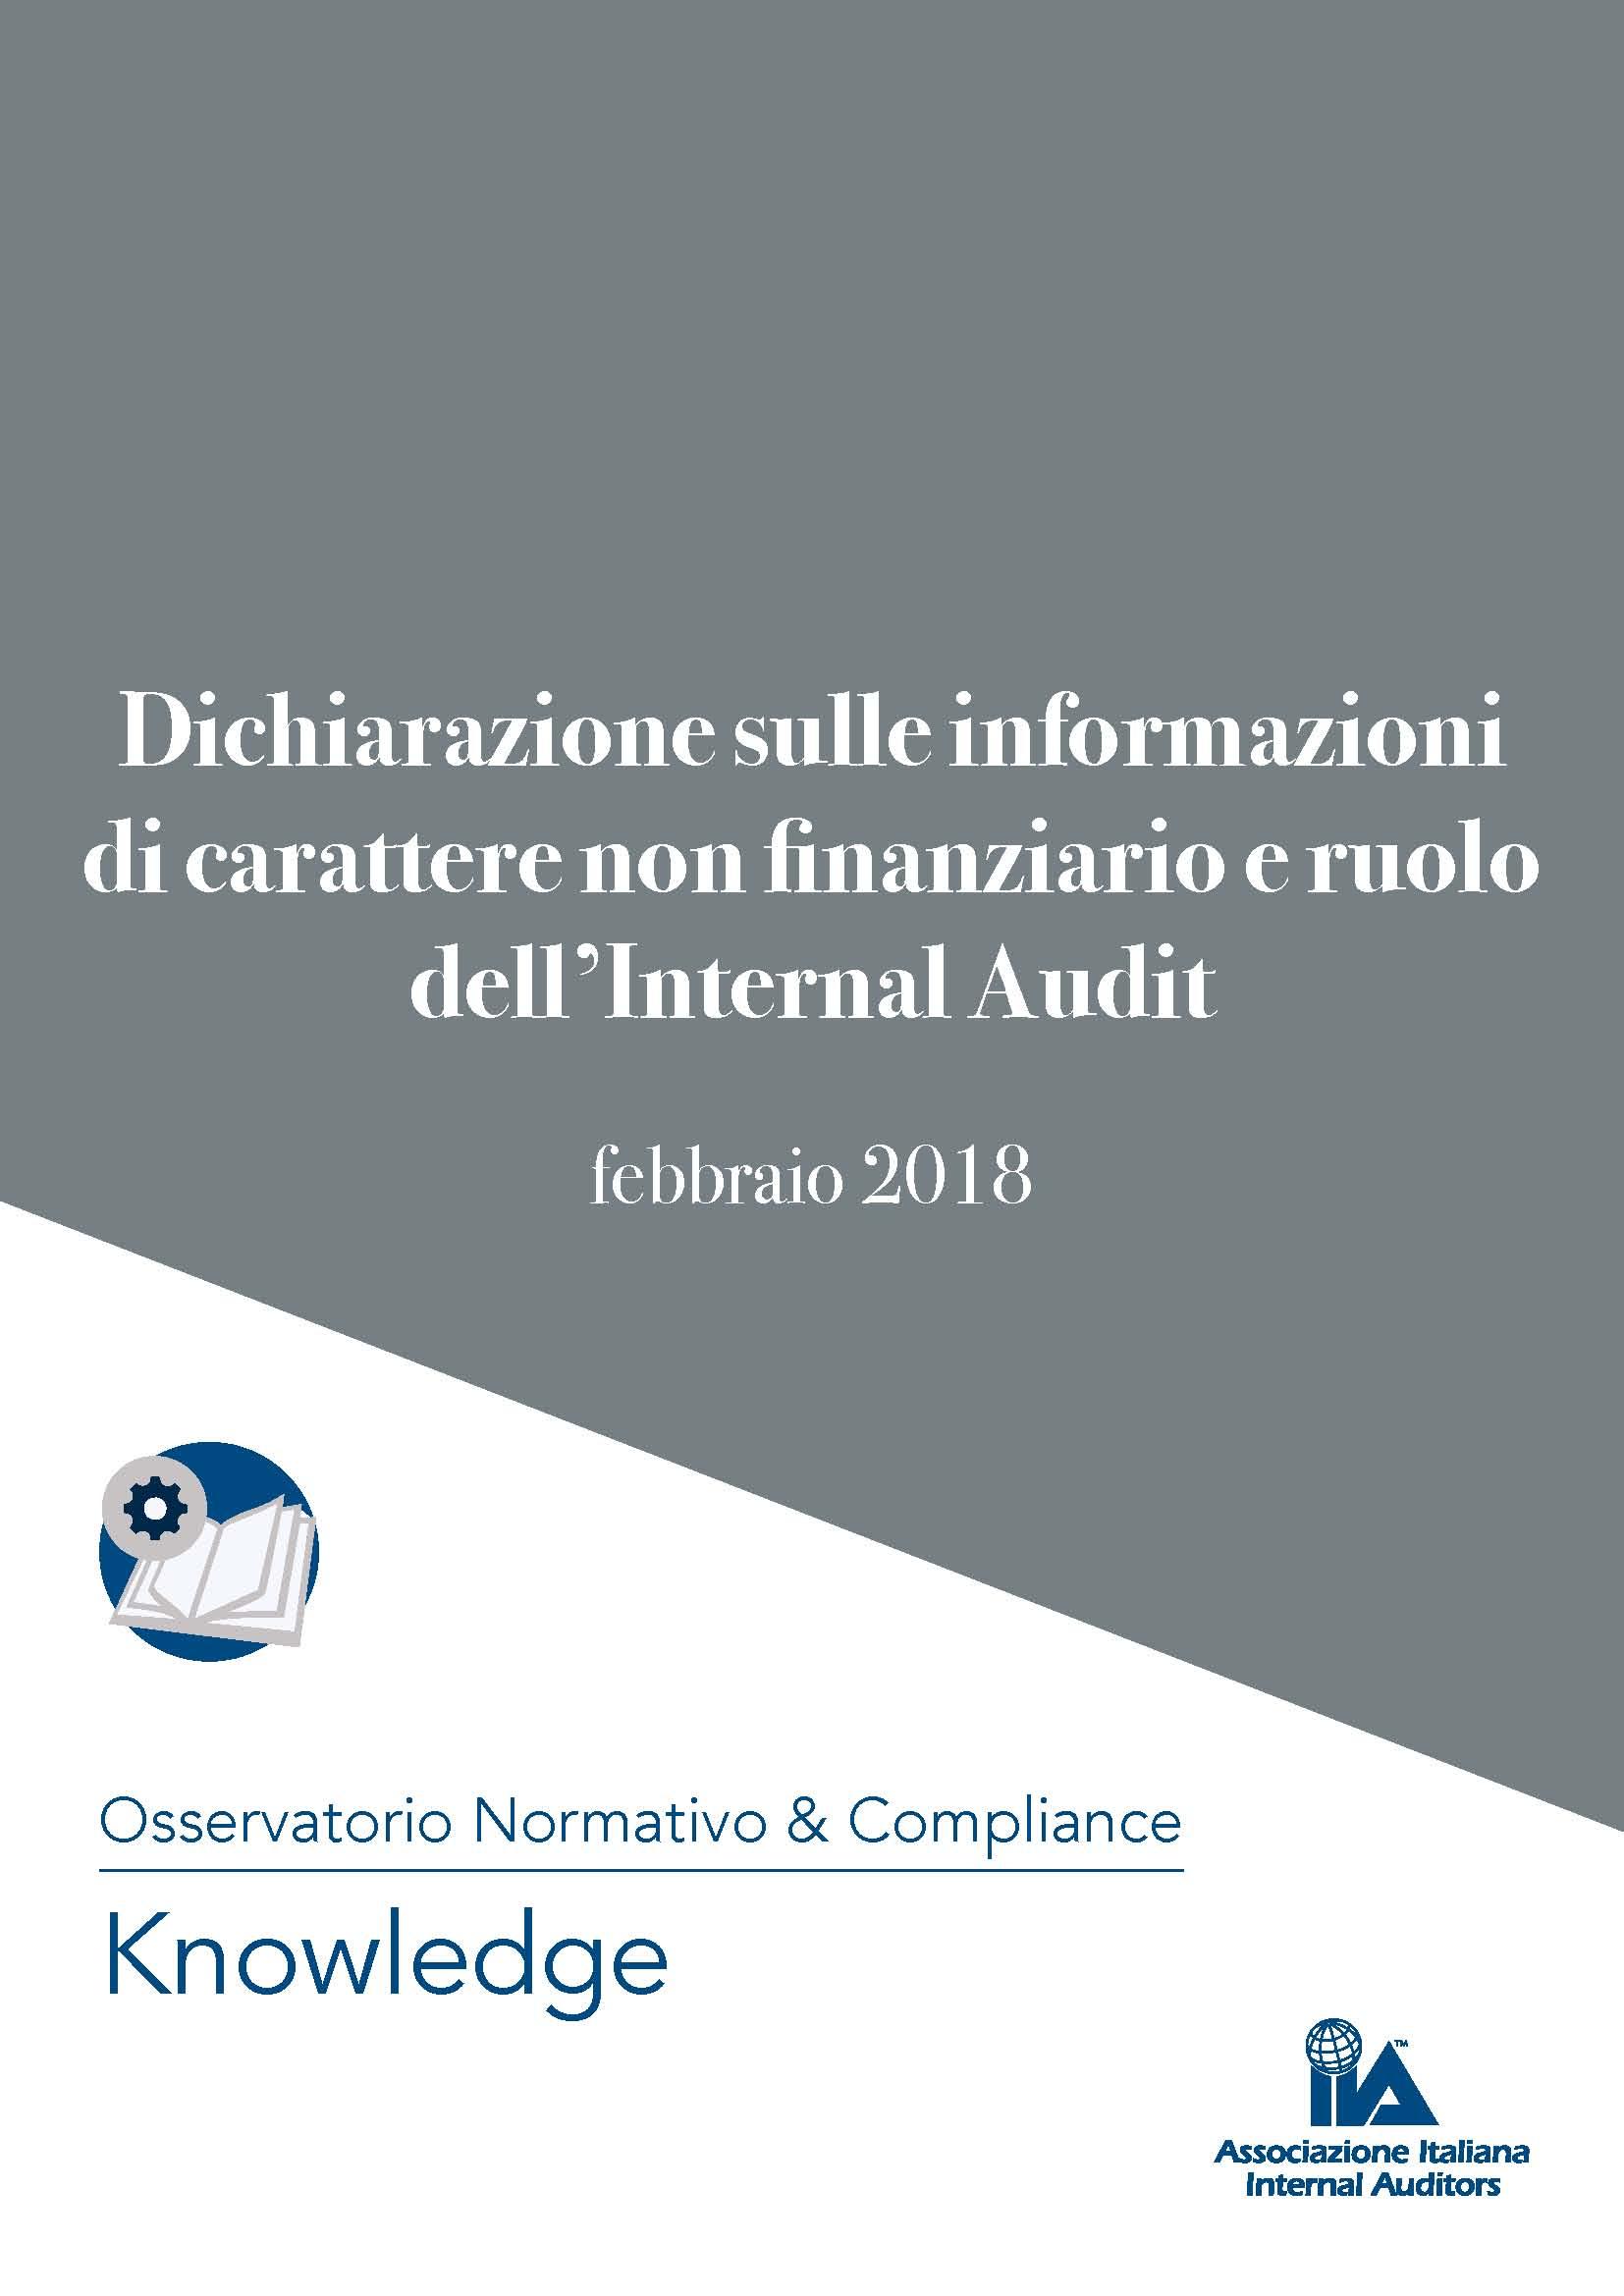 DICHIARAZIONE SULLE INFORMAZIONI DI CARATTERE NON FINANZIARIO E RUOLO DELL'INTERNAL AUDIT (paper Aiia febbraio 2018)